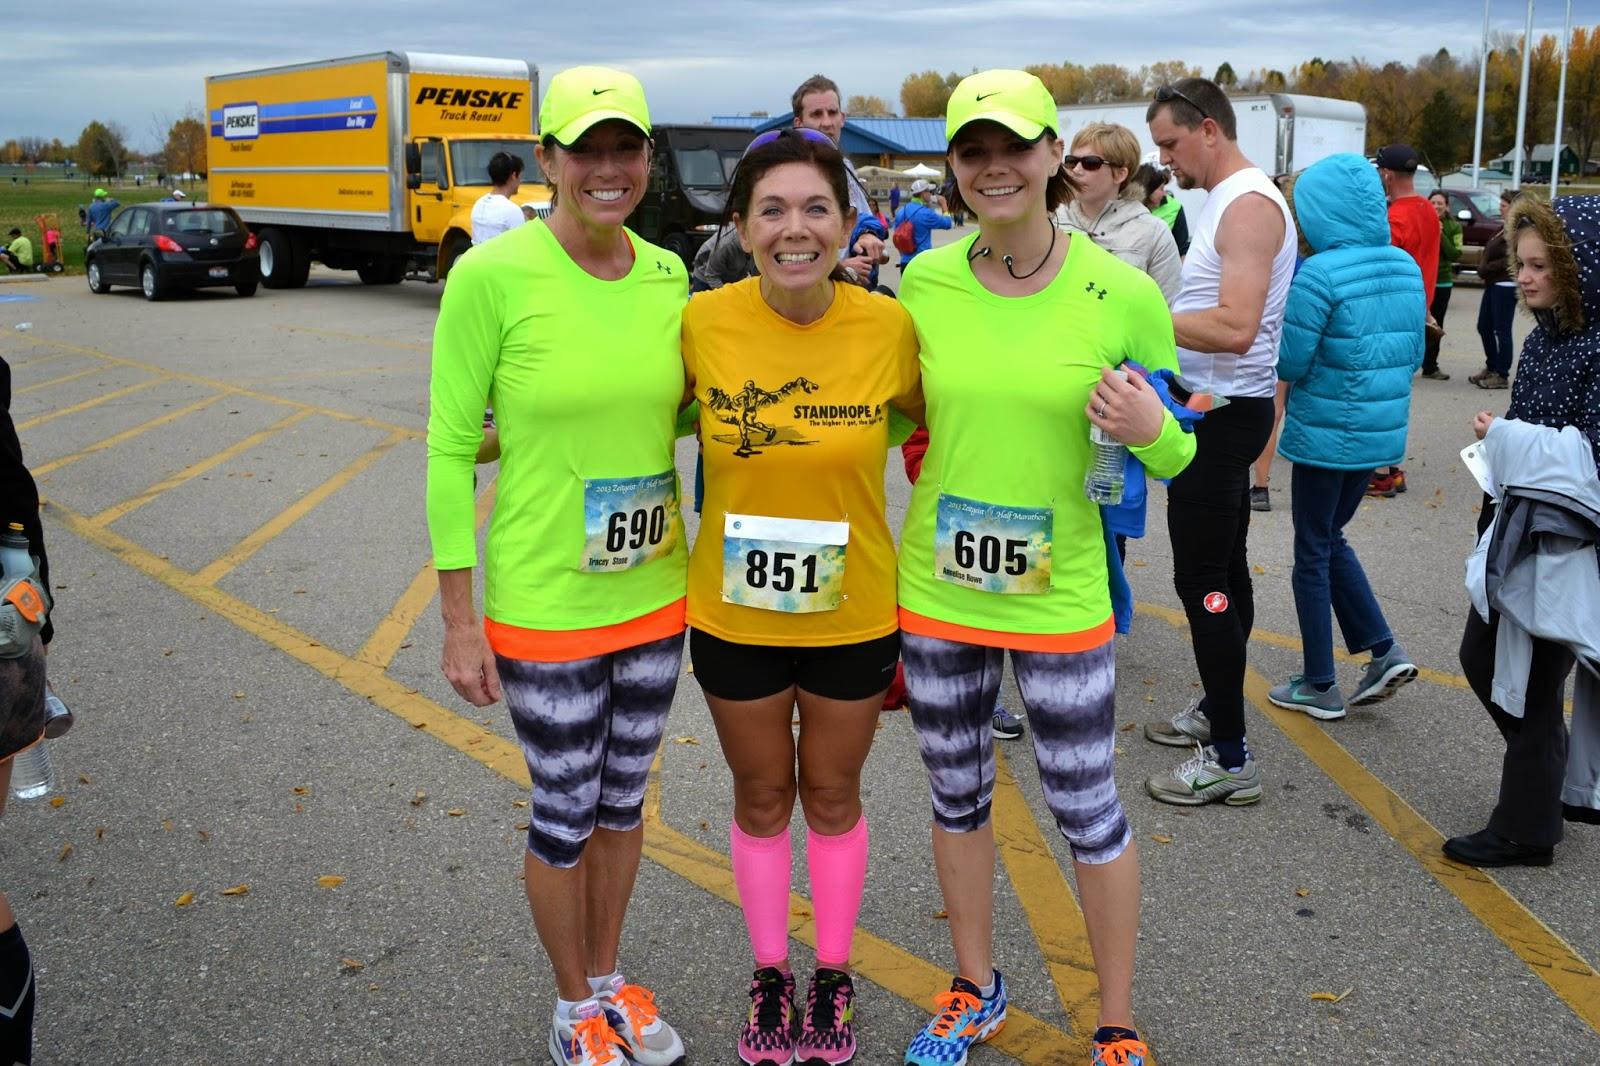 Zeitgeist Half Marathon, matching running outfits